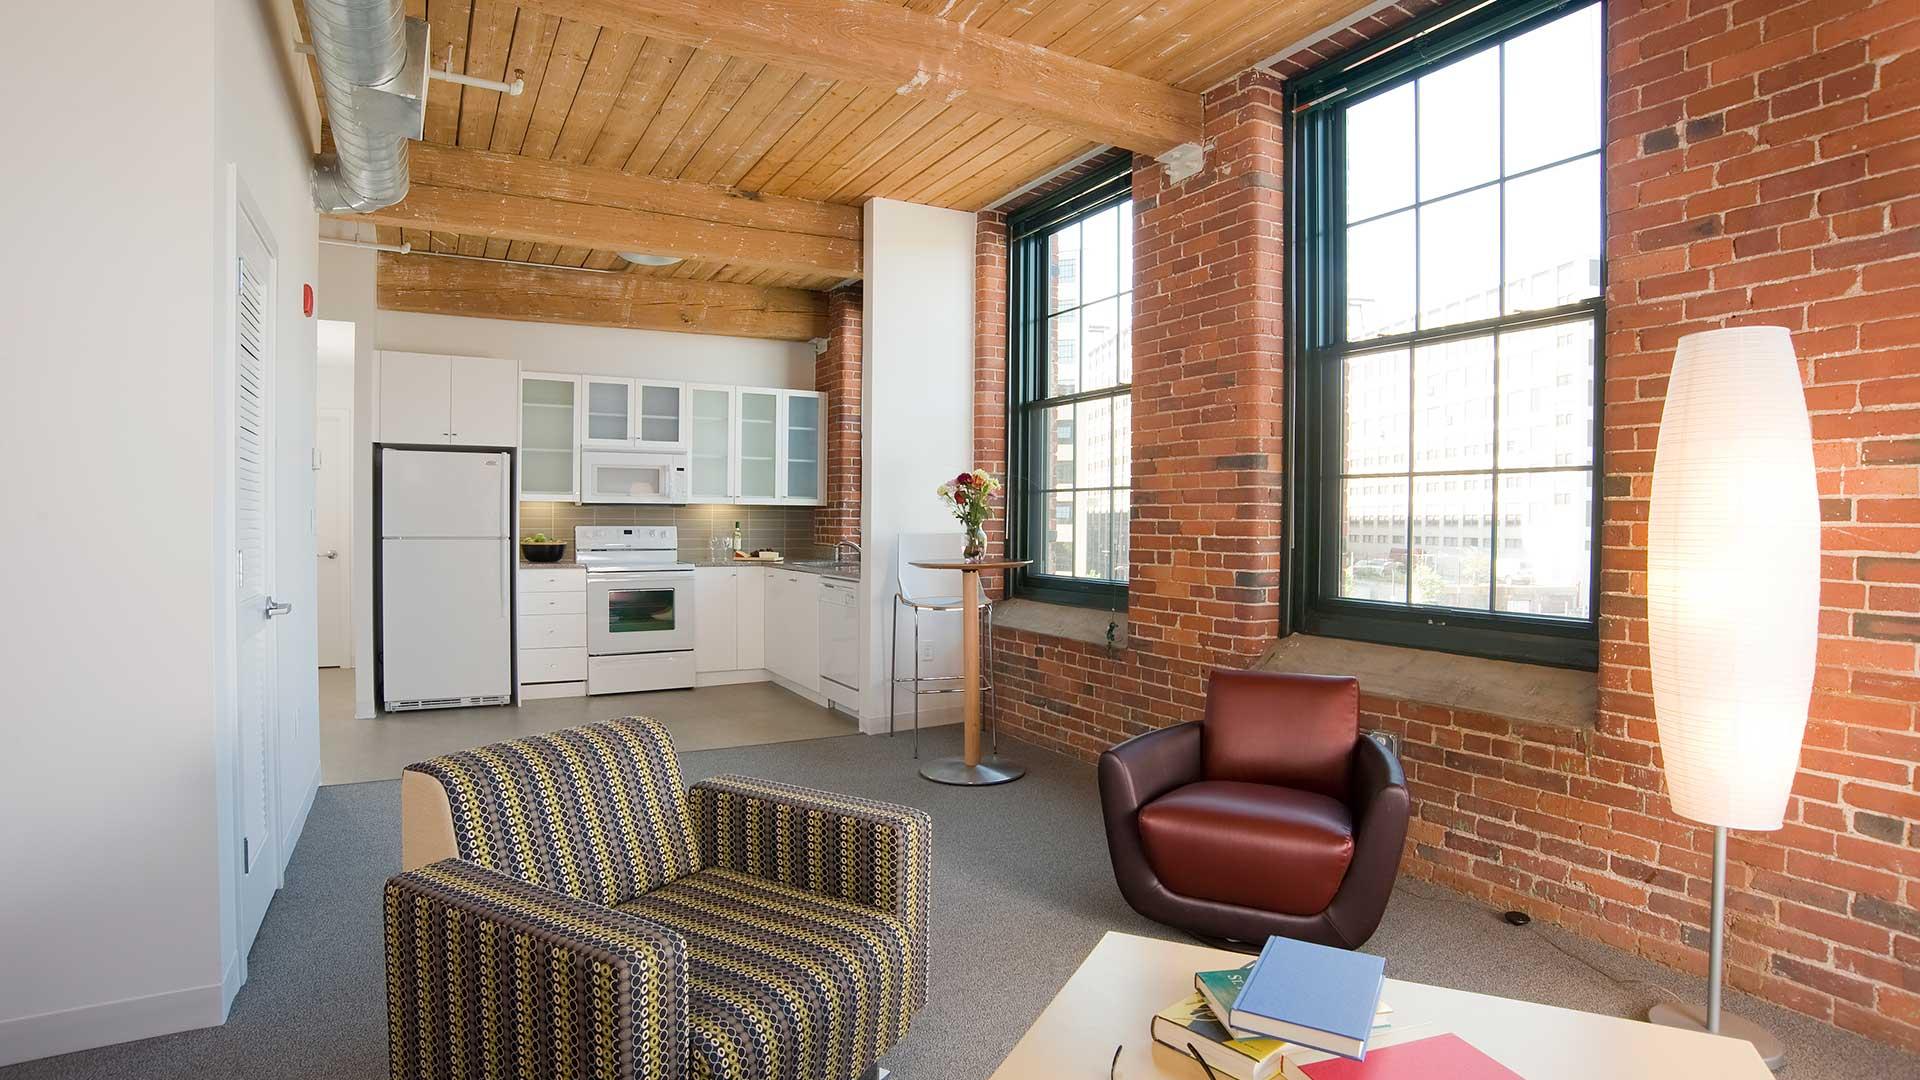 Ktichen of a loft-style apartment building